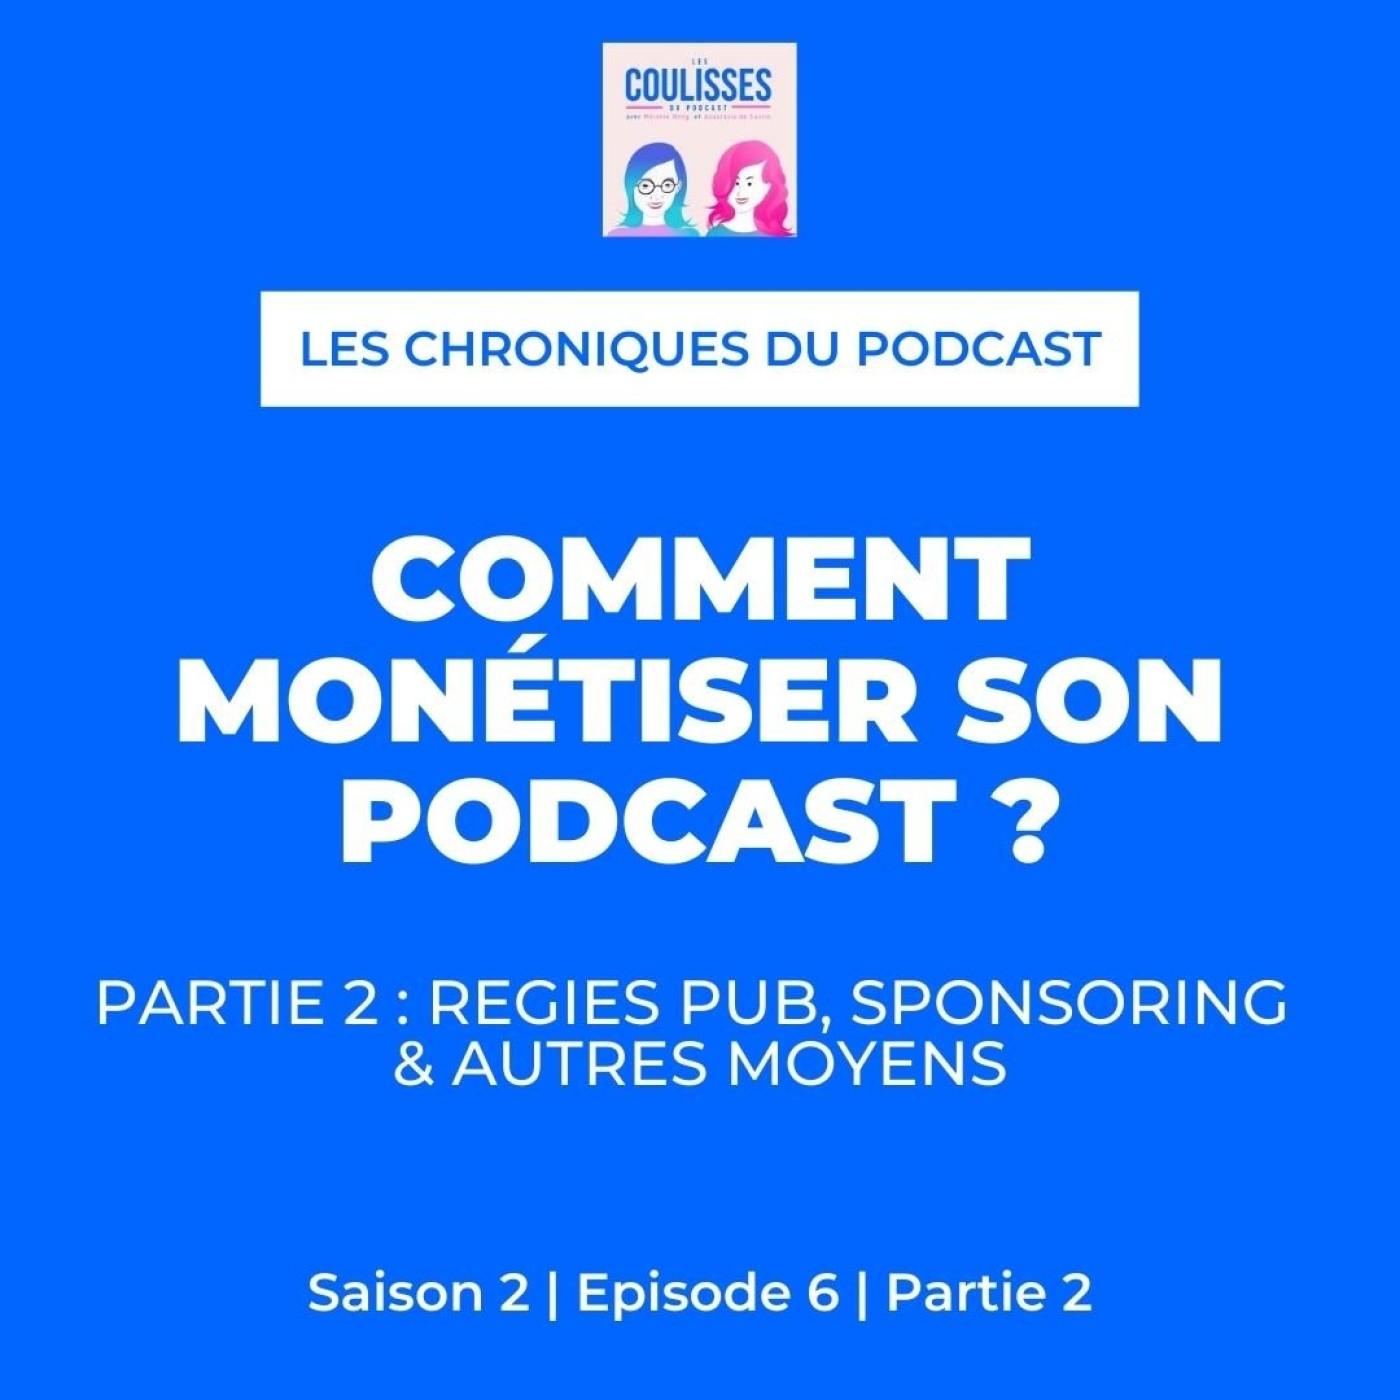 Comment monétiser son podcast - Partie 2 : régies pub, sponsoring & autres moyens